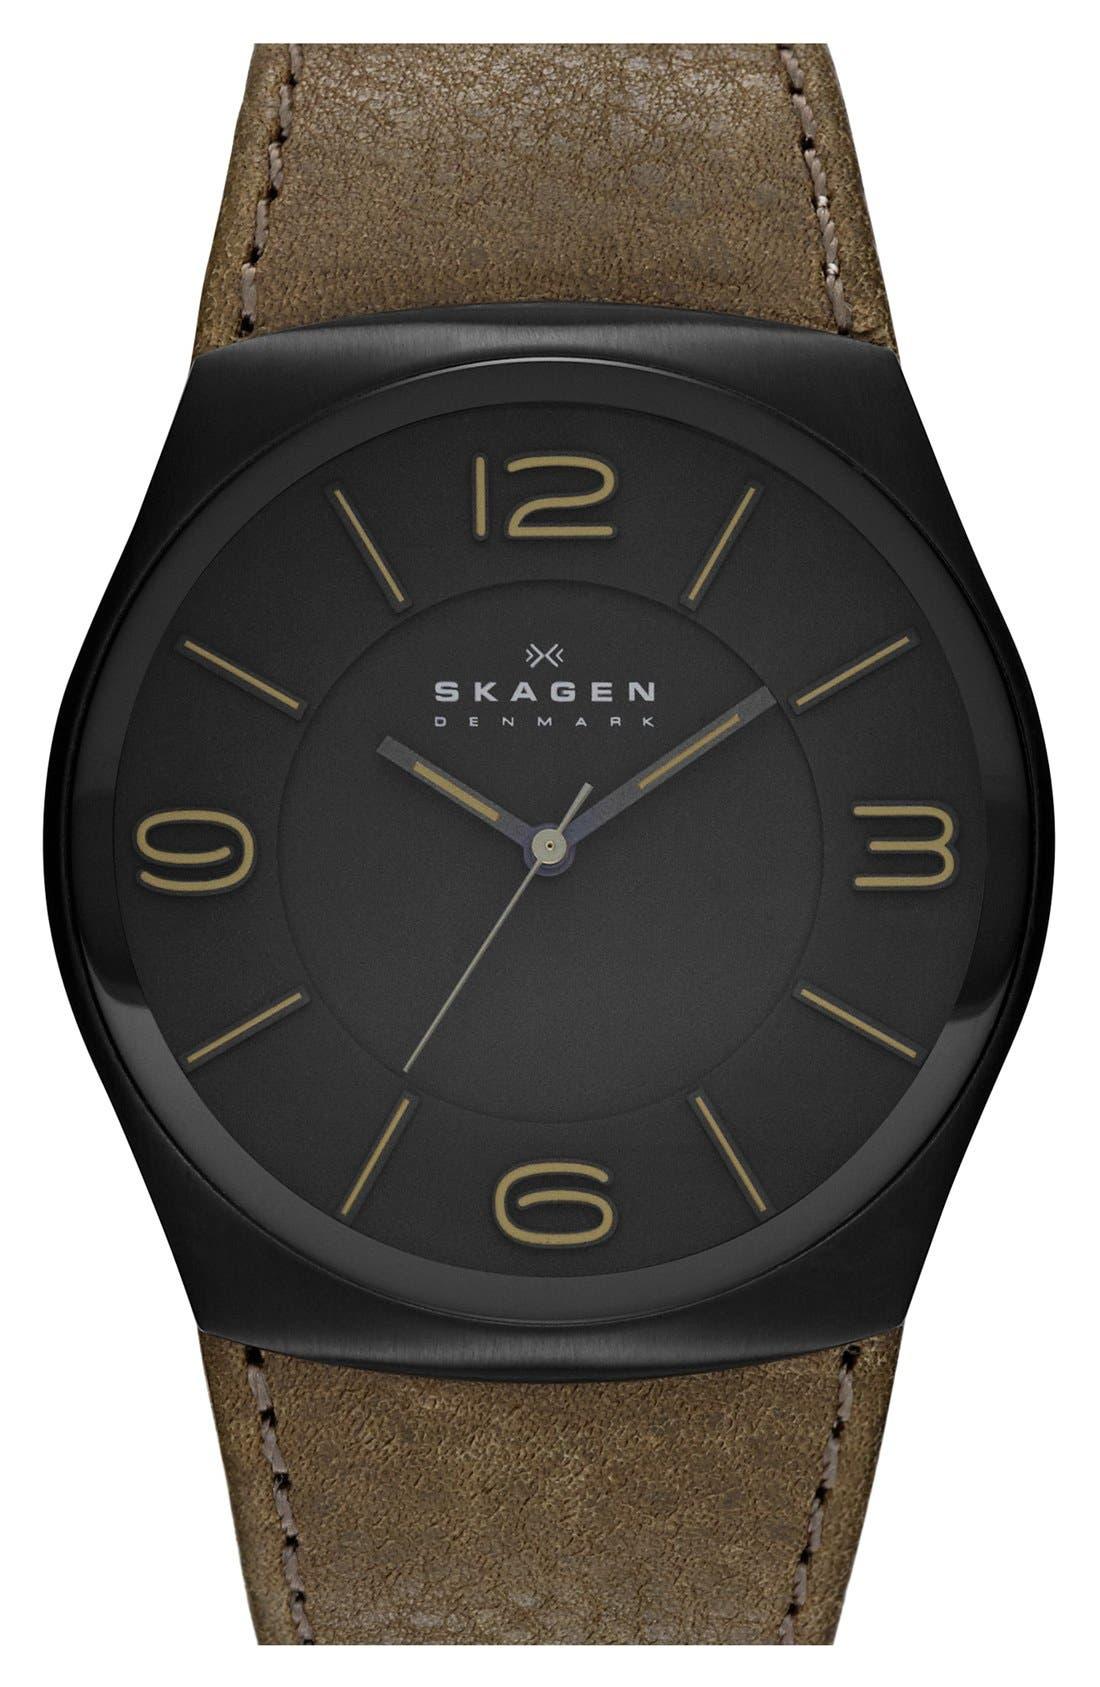 Main Image - Skagen 'Havene' Round Leather Strap Watch, 42mm.